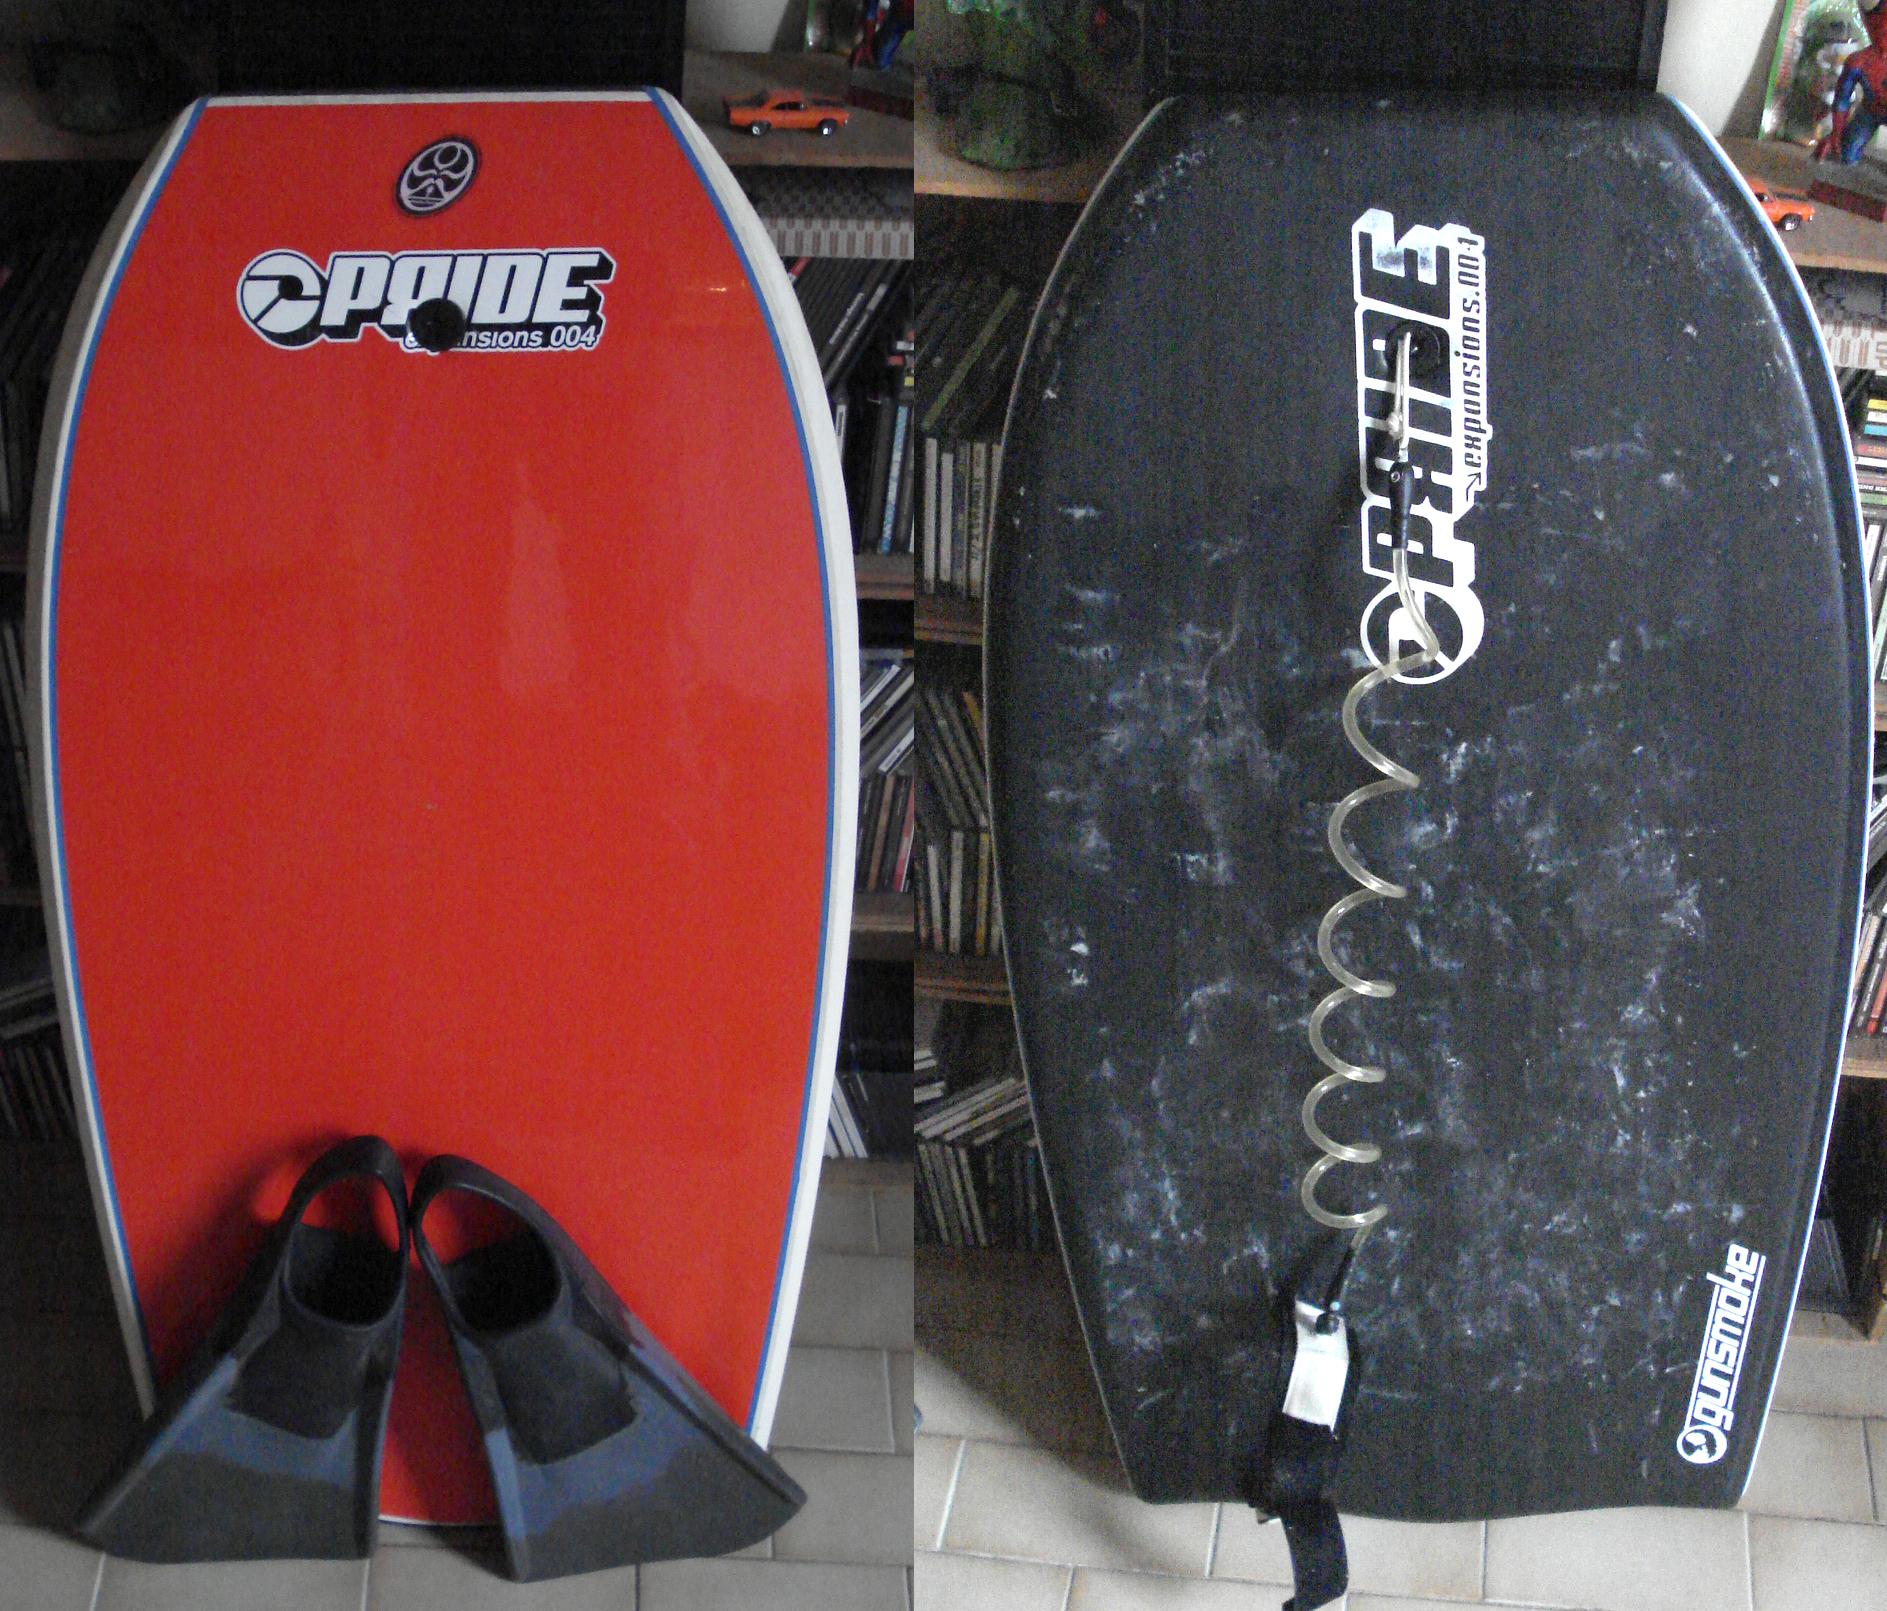 http://www.surf4all.net/modules/Ads/photo/ads4787-2954.jpg